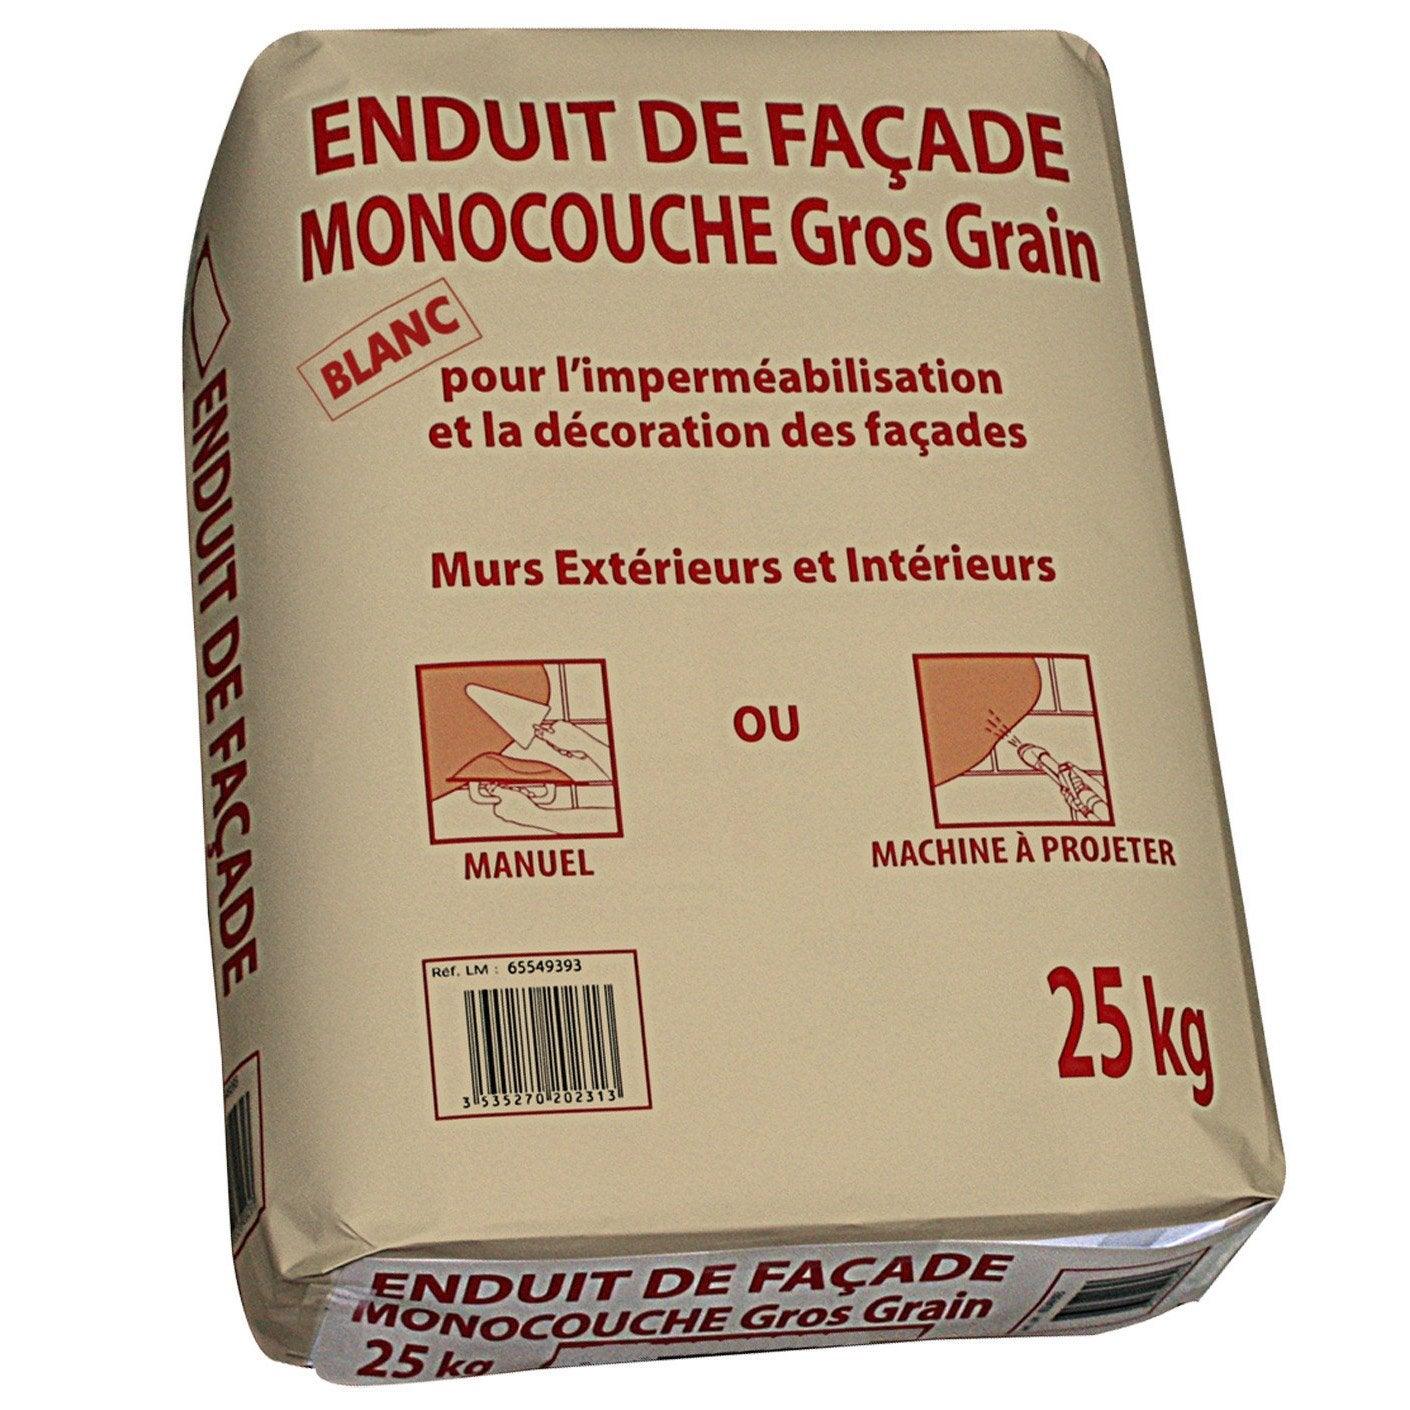 Enduit monocouche blanc prb 25 kg leroy merlin - Crepi monocouche exterieur ...